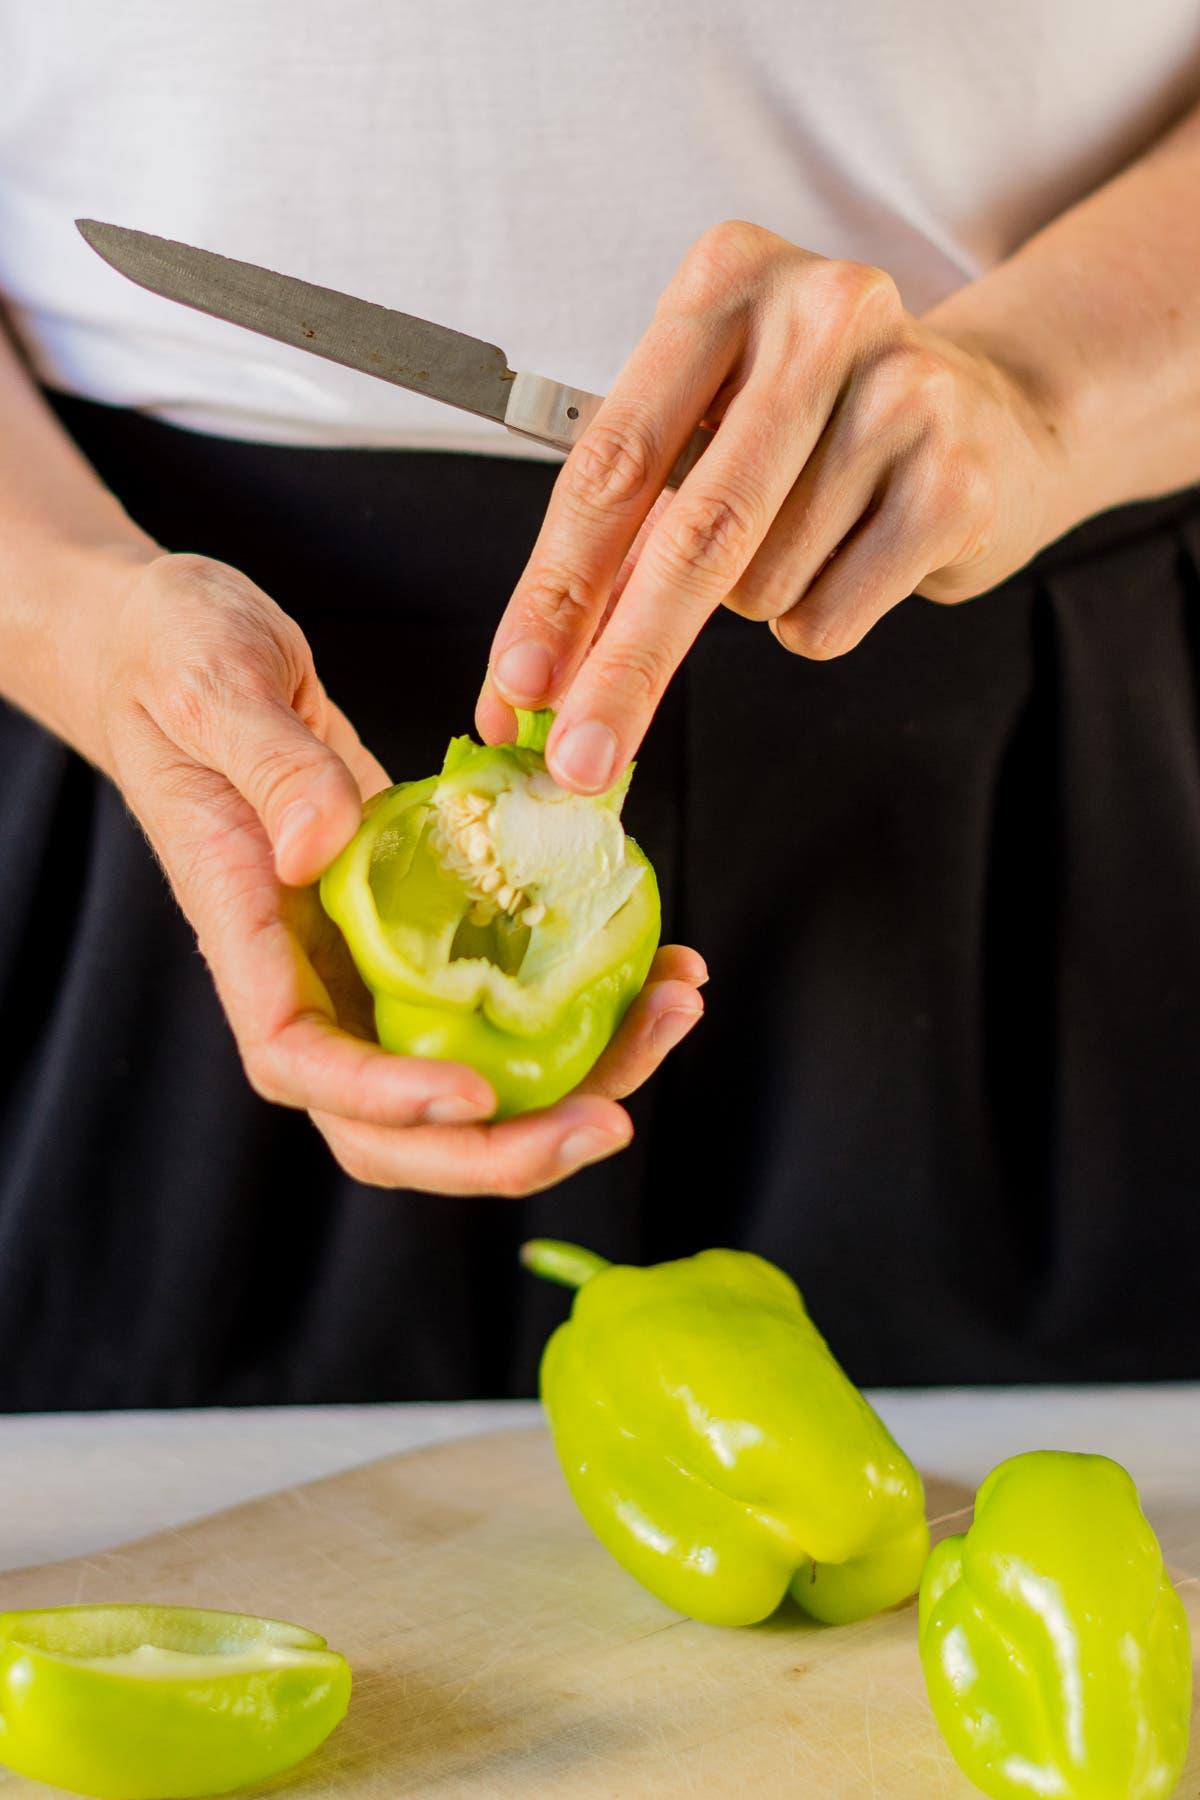 Hände mit Messer, die Paprika vorschneiden, um beim Kochen Zeit zu sparen